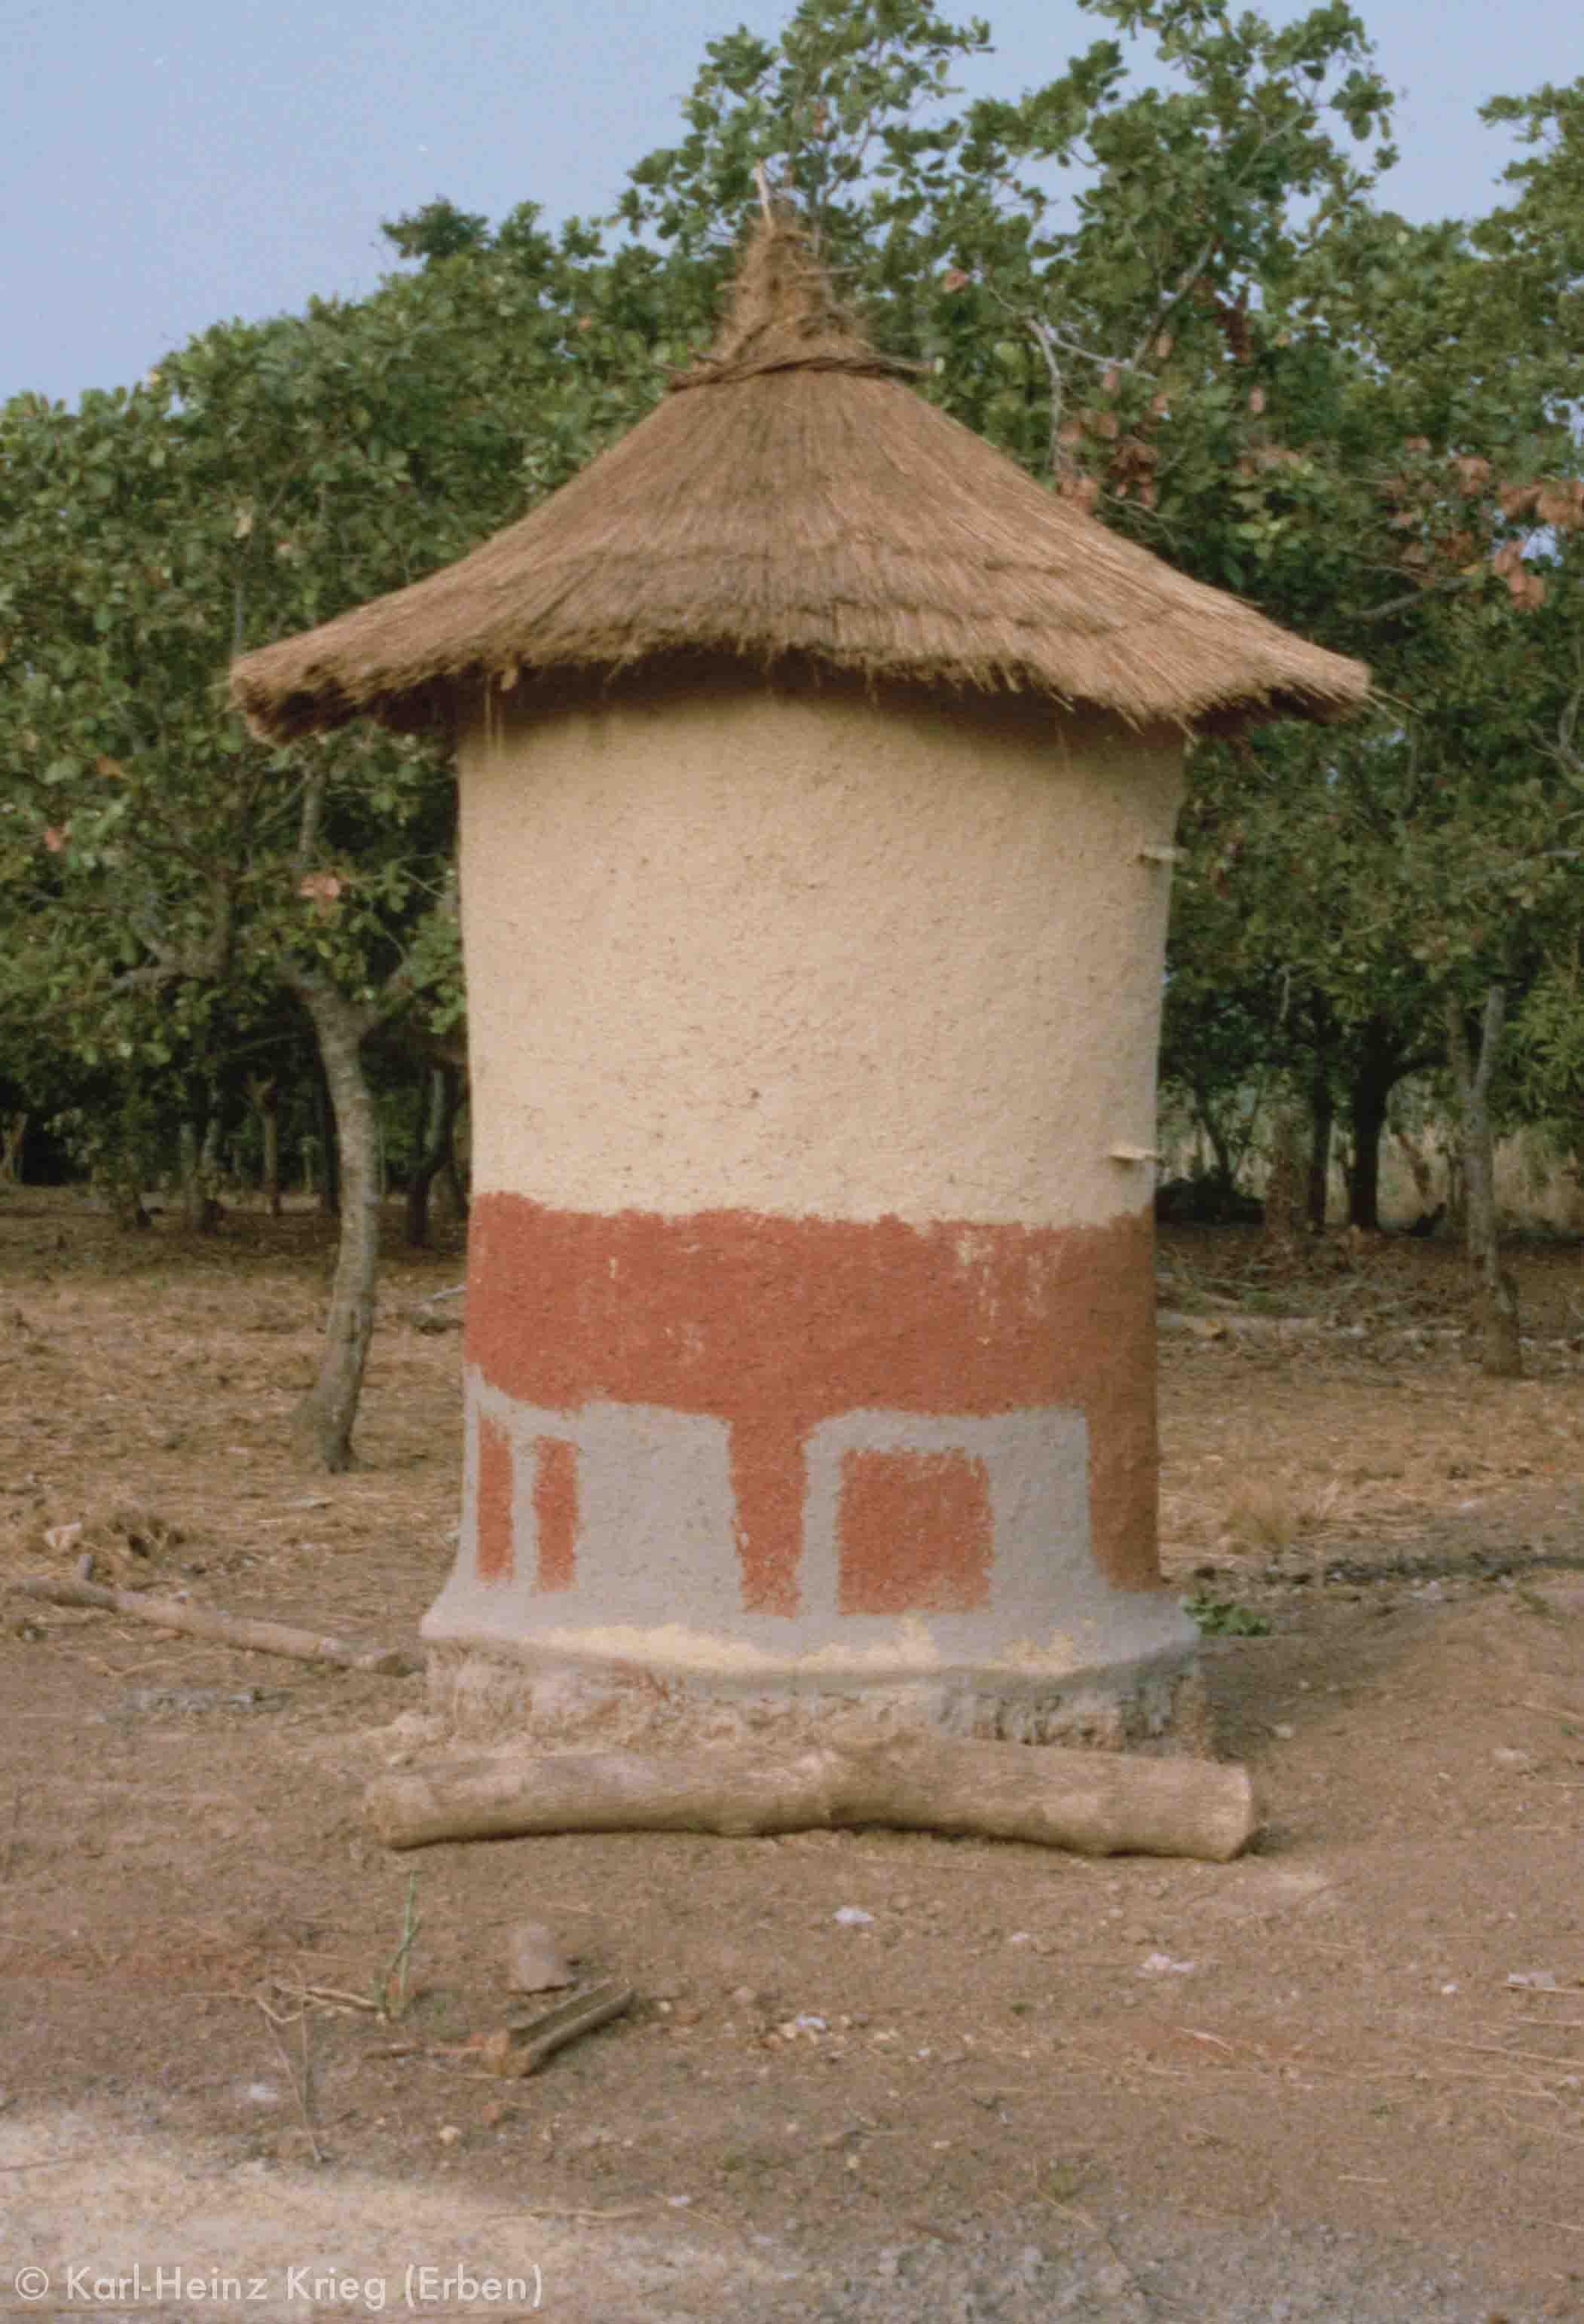 Bemalter Getreidespeicher in Poundiou (Region von Boundiali, Côte d'Ivoire). Foto: Karl-Heinz Krieg, 1980